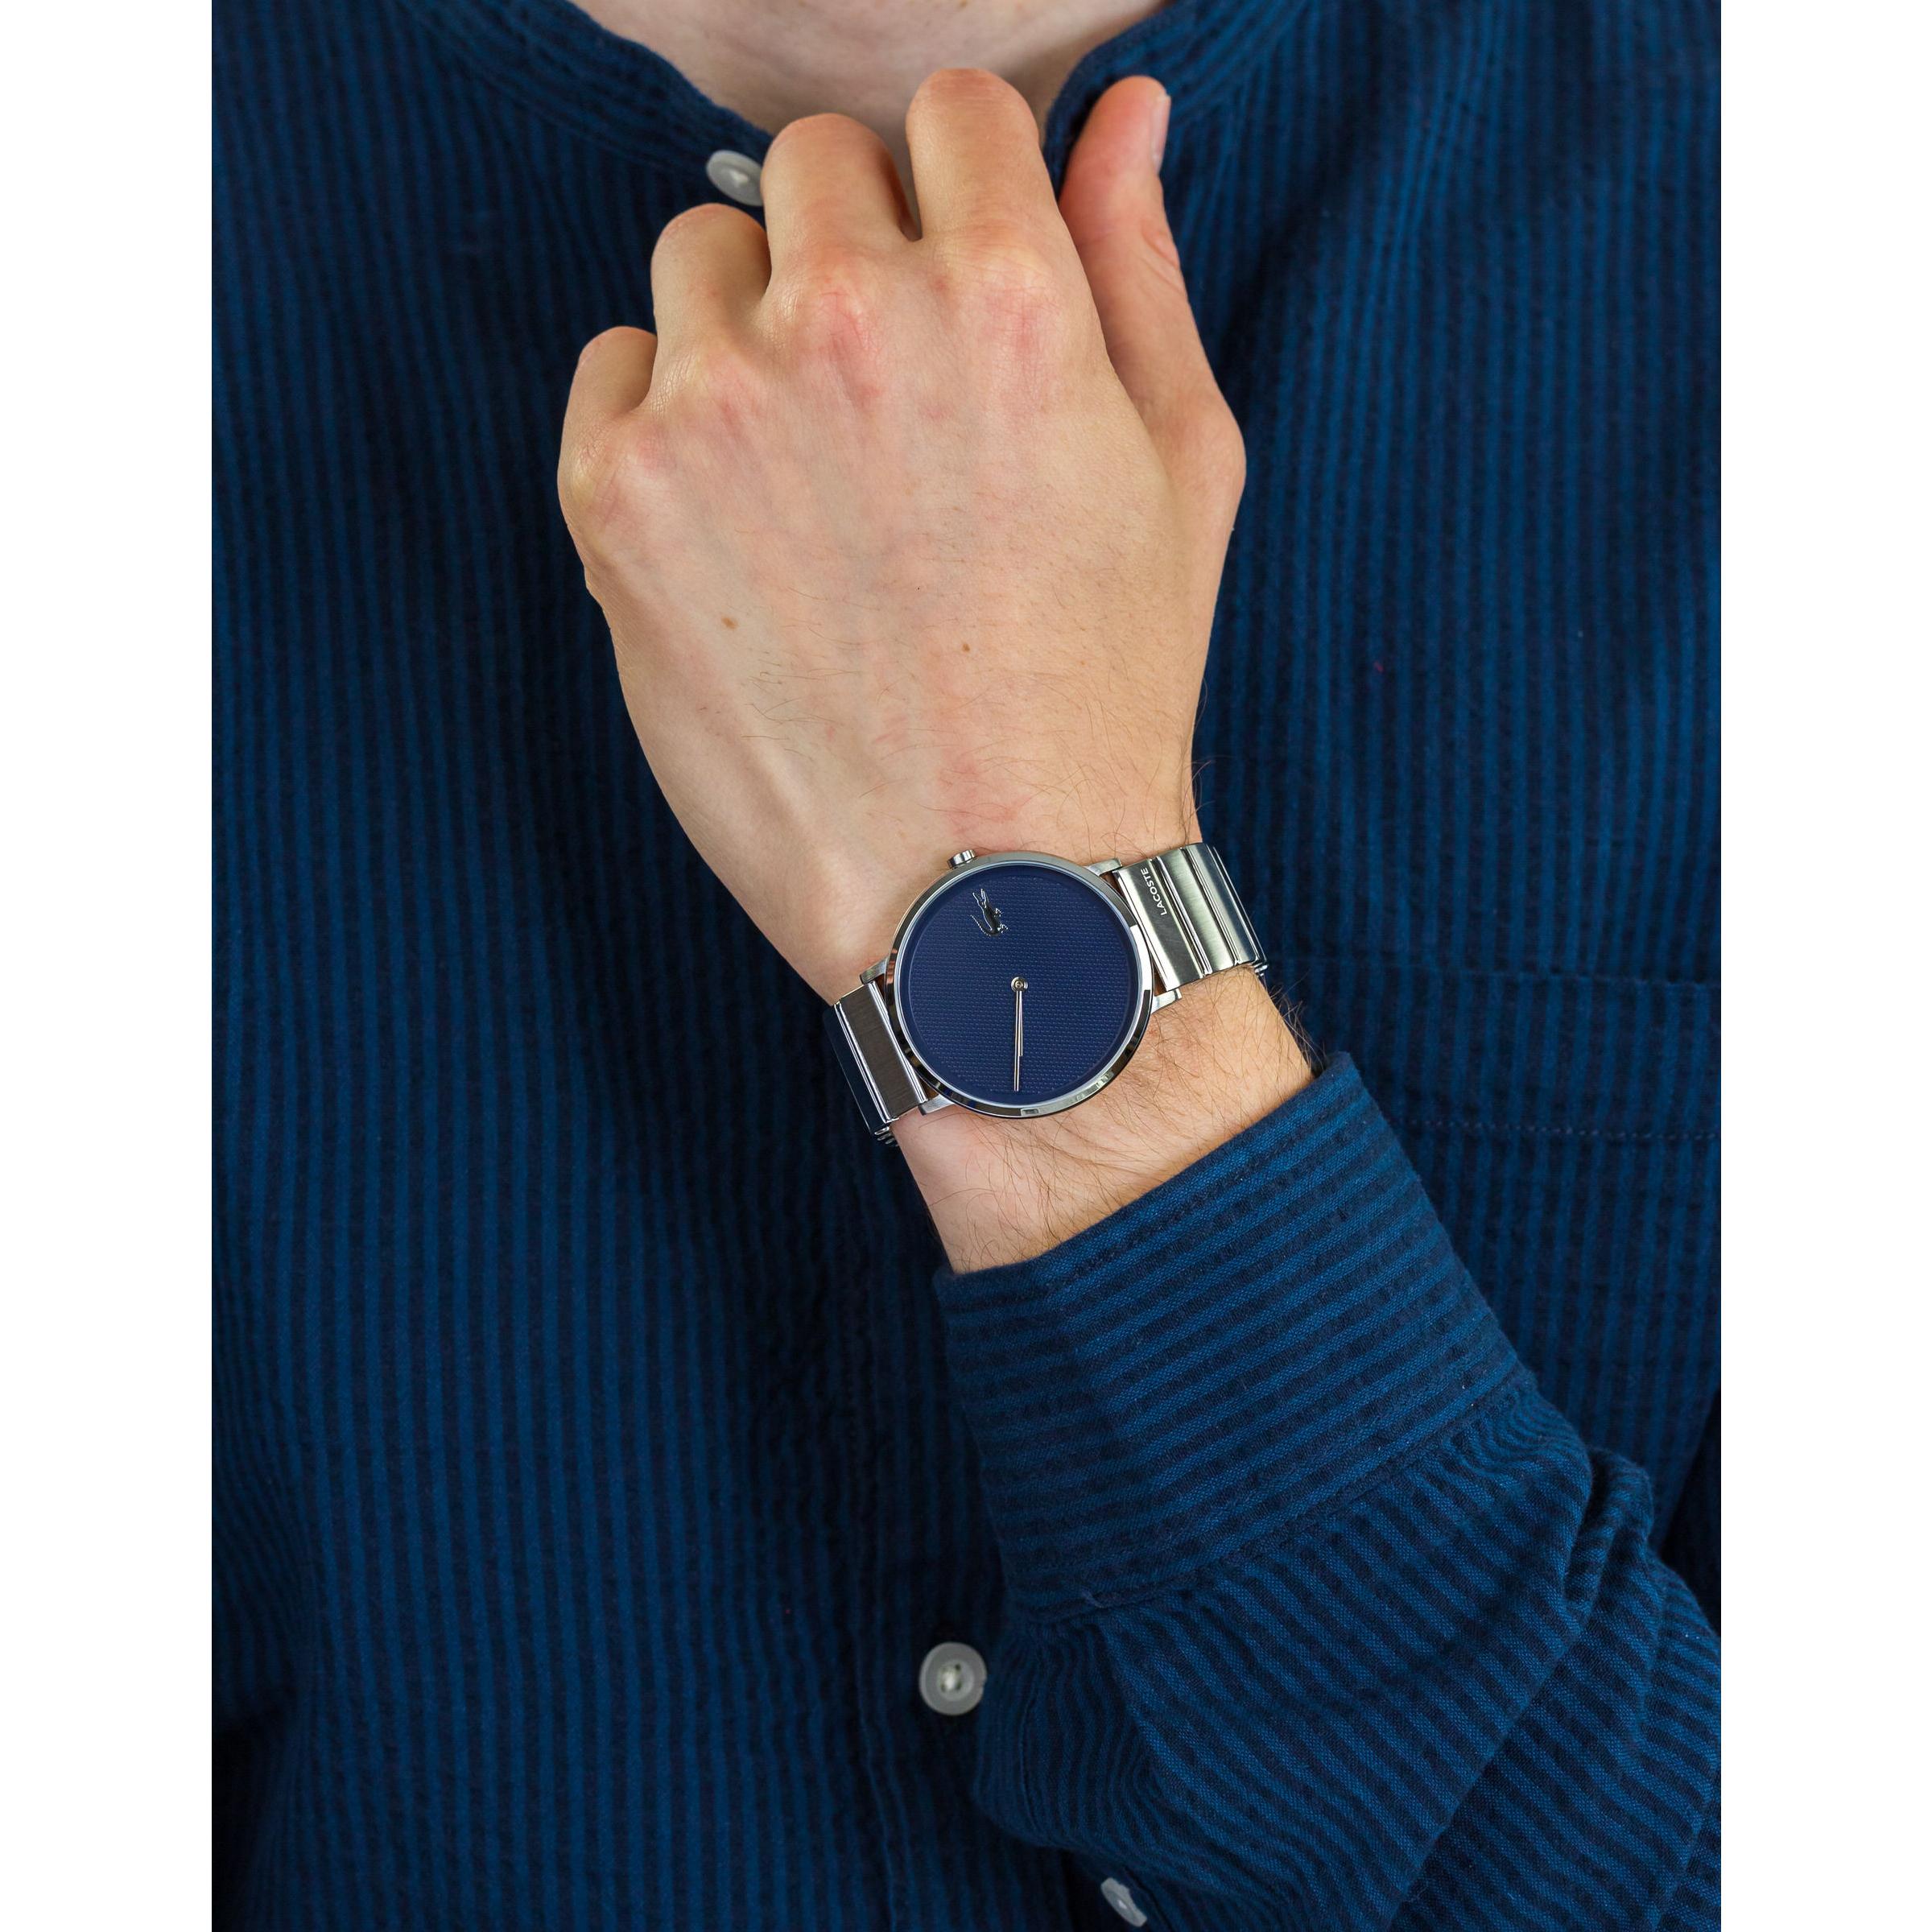 ساعت مچی عقربهای مردانه لاگوست مدل 2010953